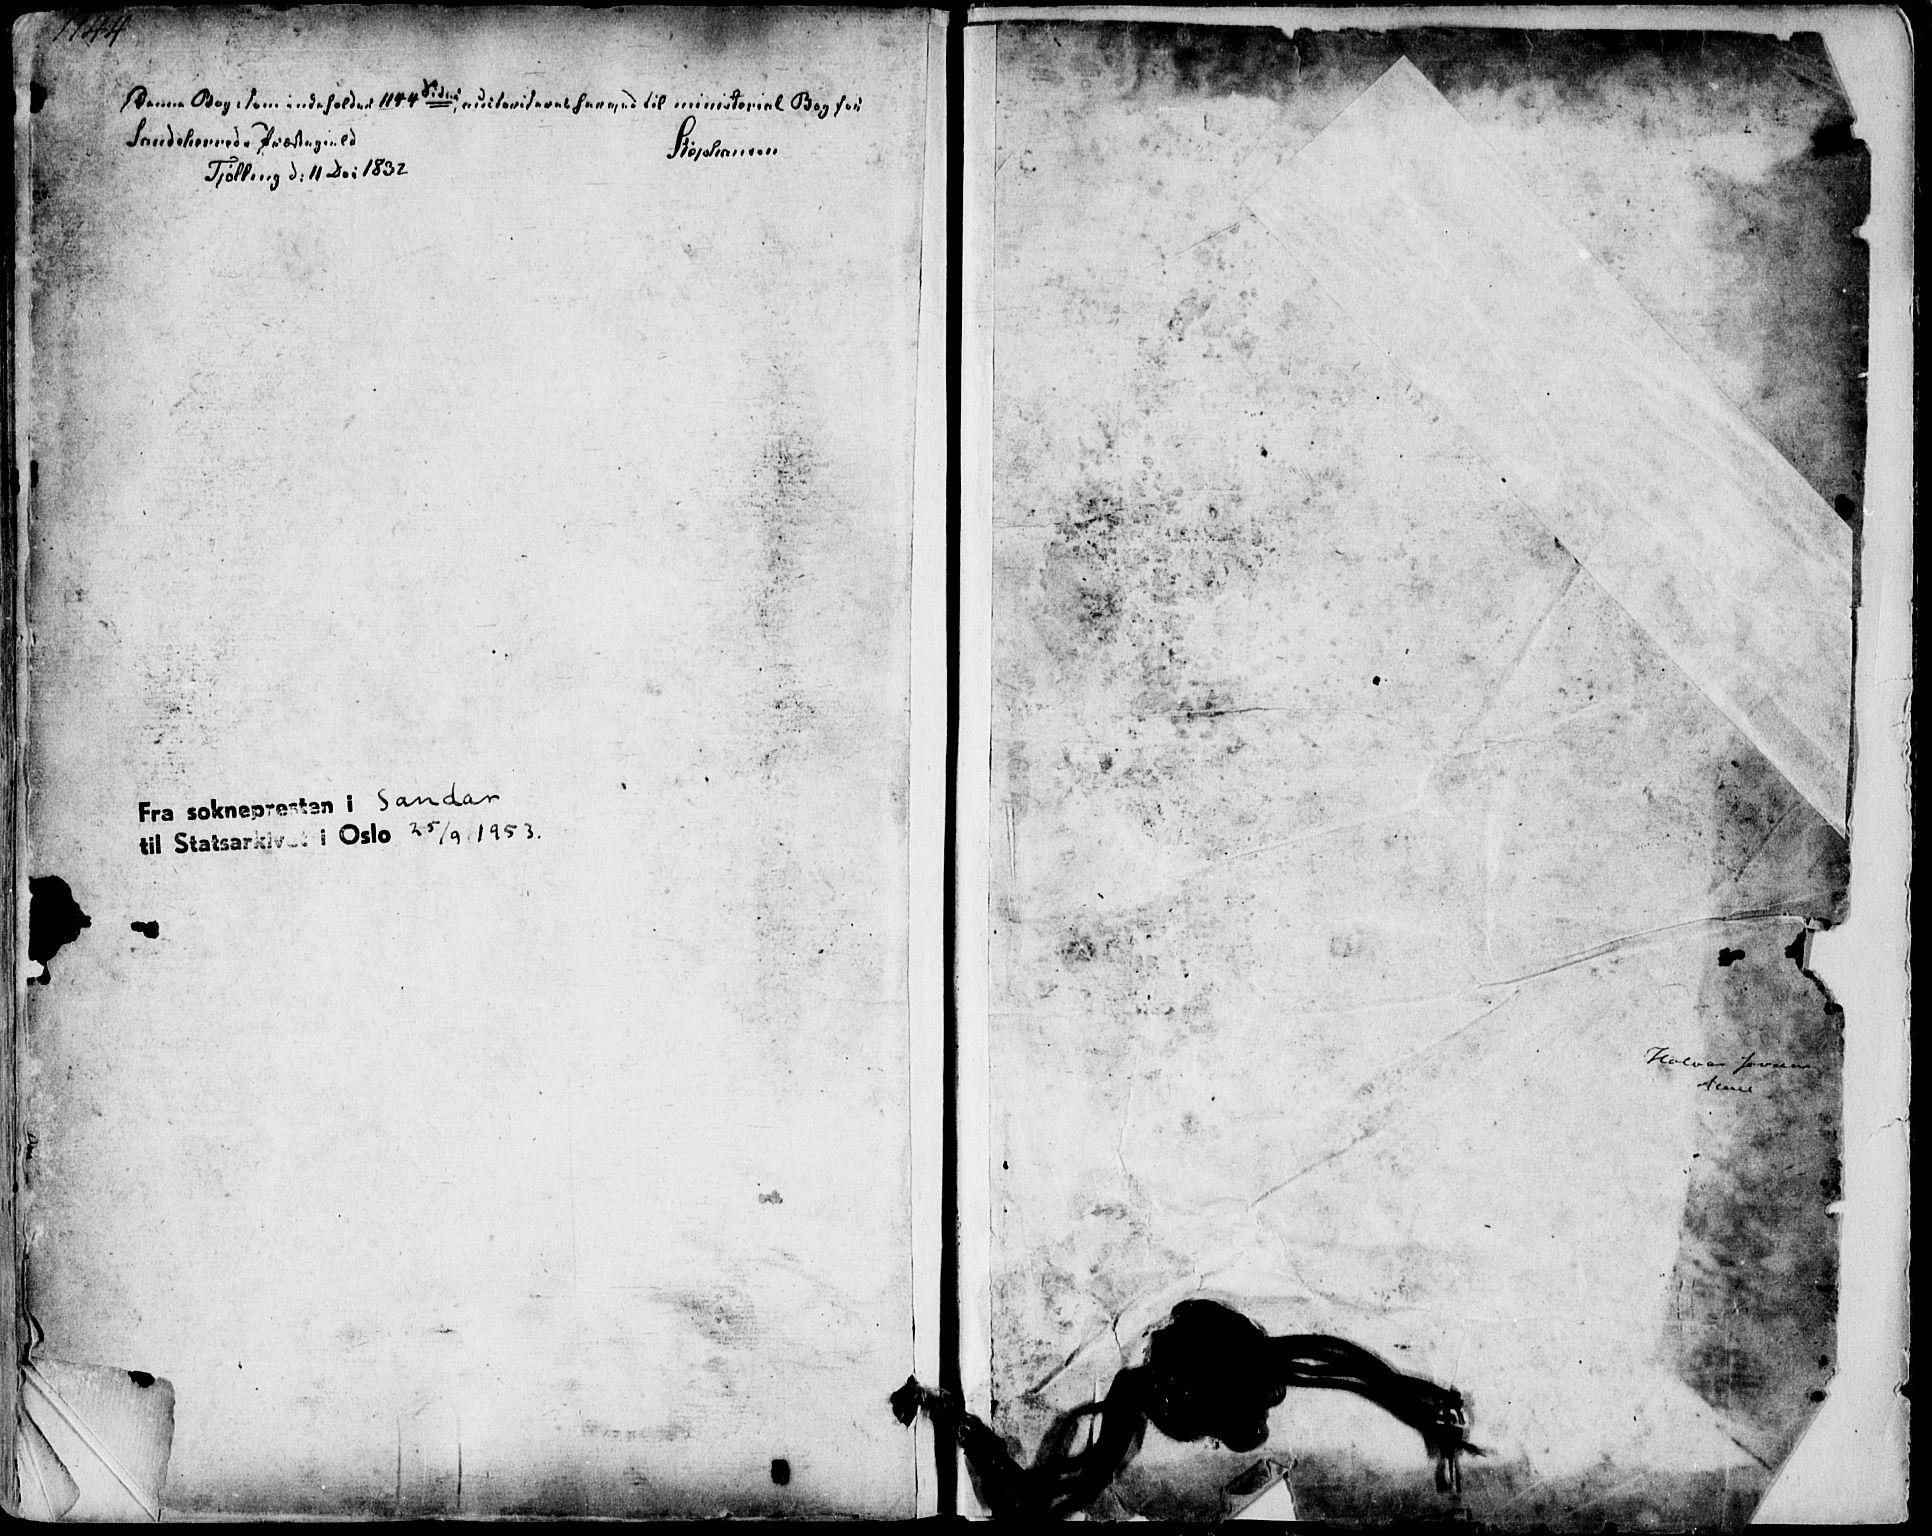 SAKO, Sandar kirkebøker, F/Fa/L0005: Ministerialbok nr. 5, 1832-1847, s. 1144-1145